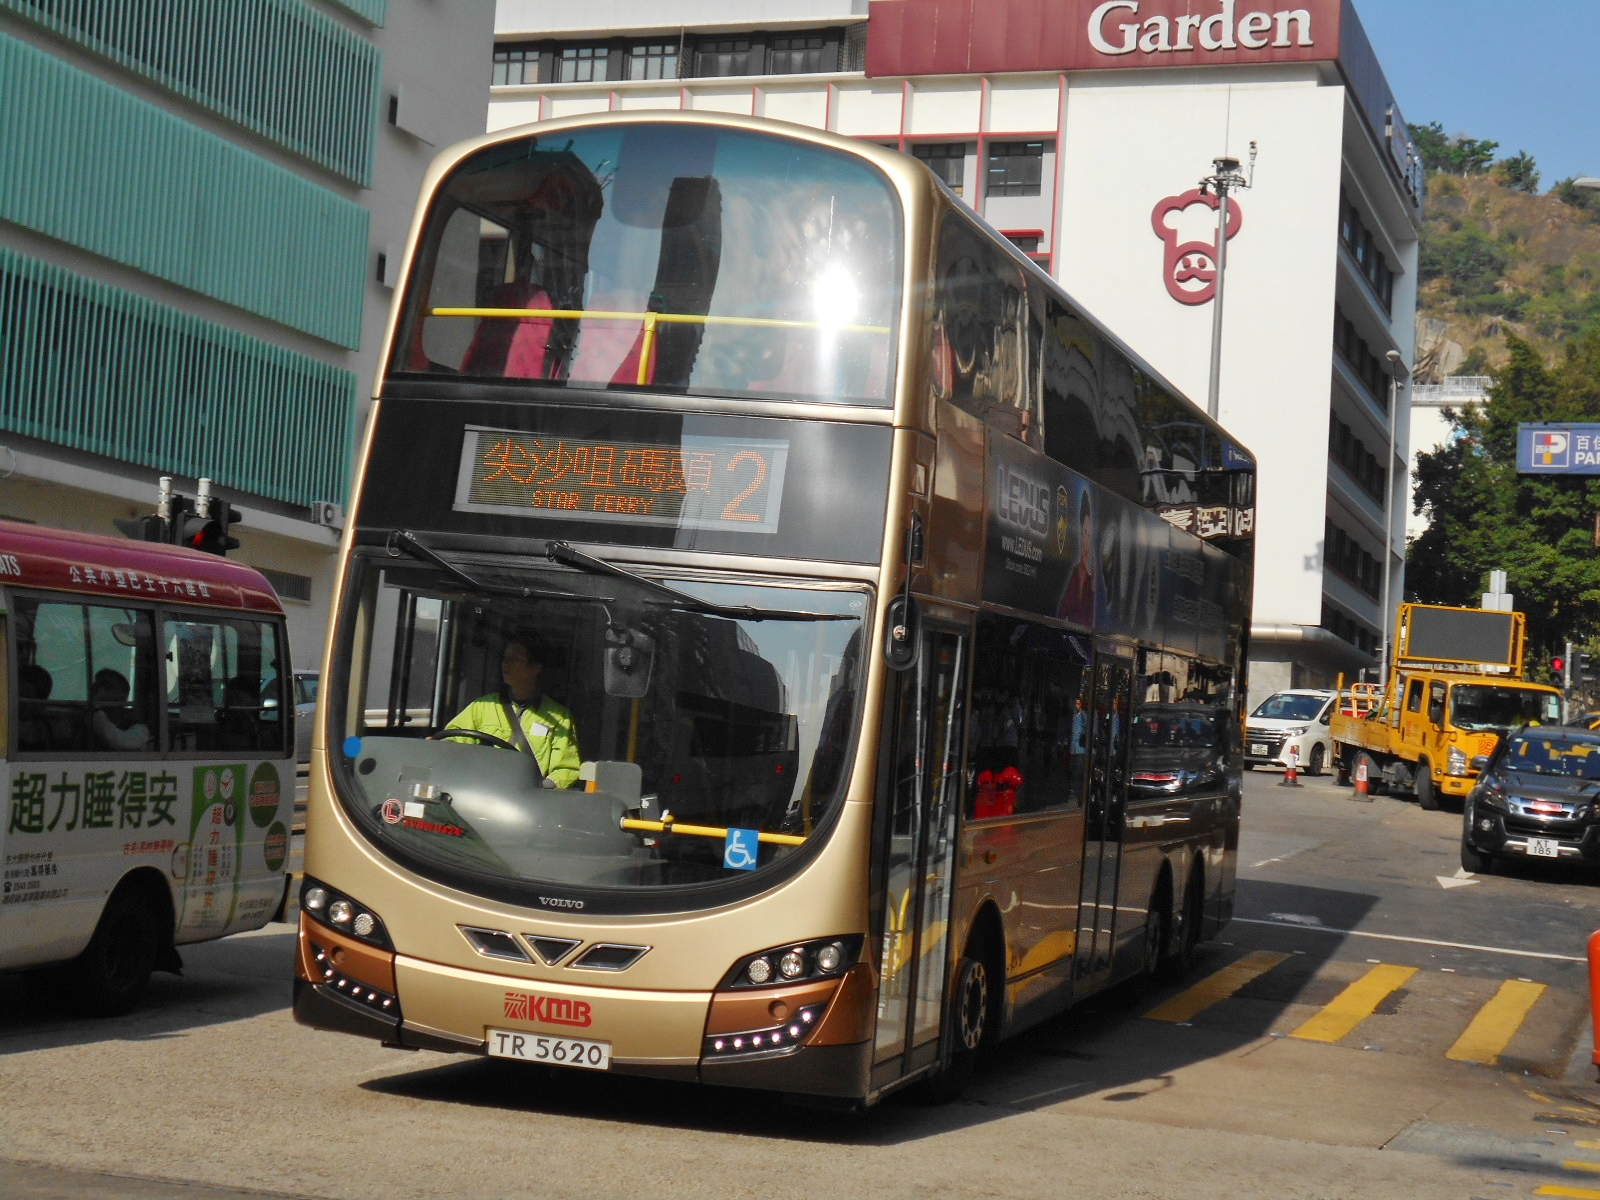 九龍巴士2號線 - 維基百科, Cheung Sha Wan,自由的百科全書